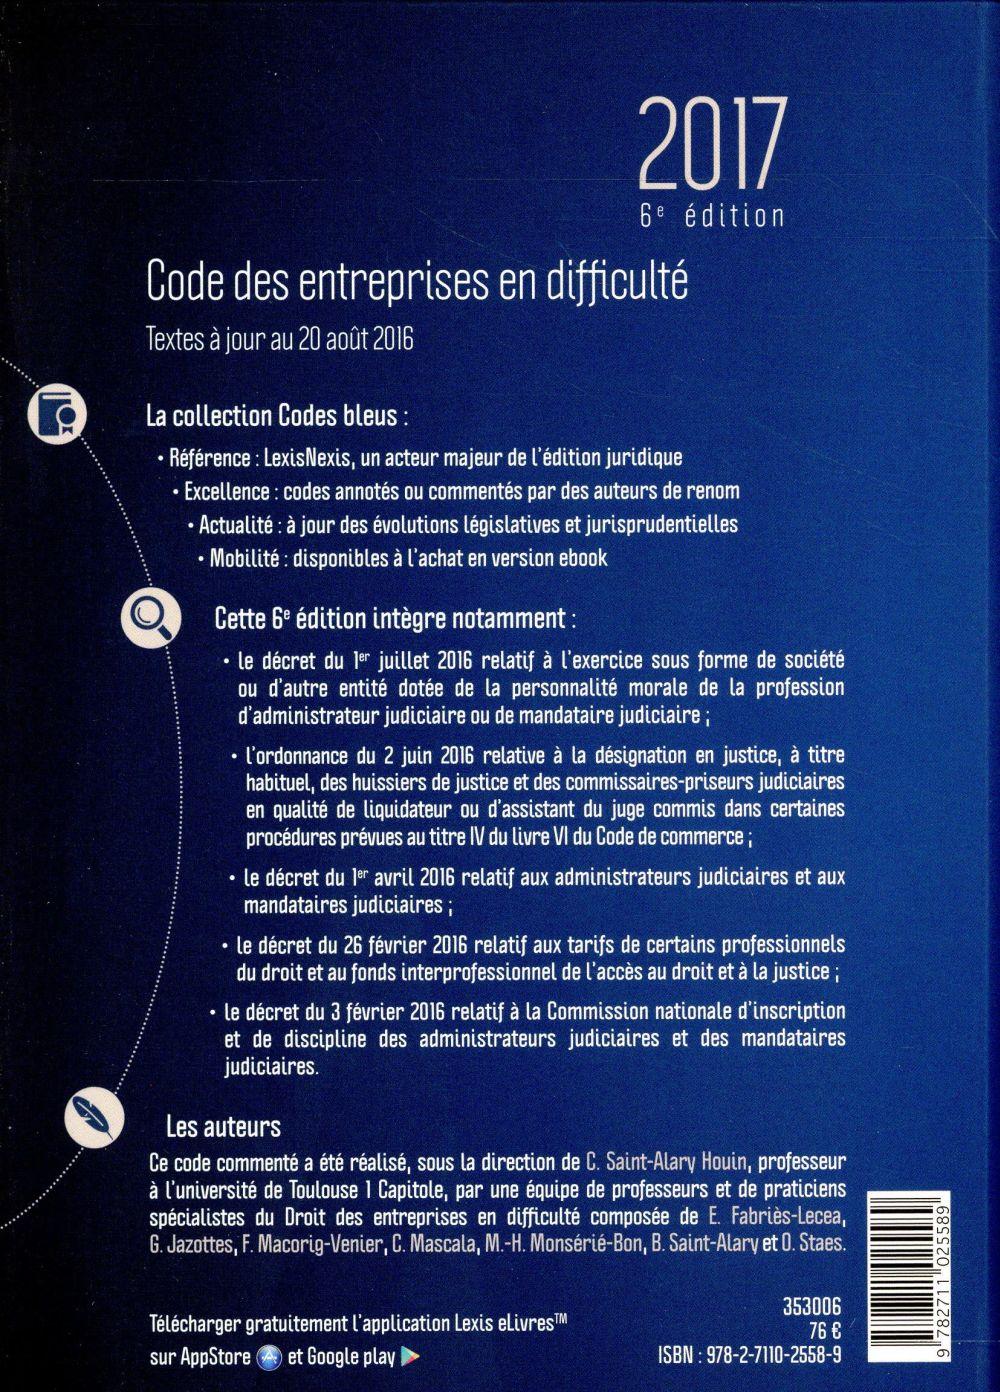 Code des entreprises en difficulté (édition 2017)